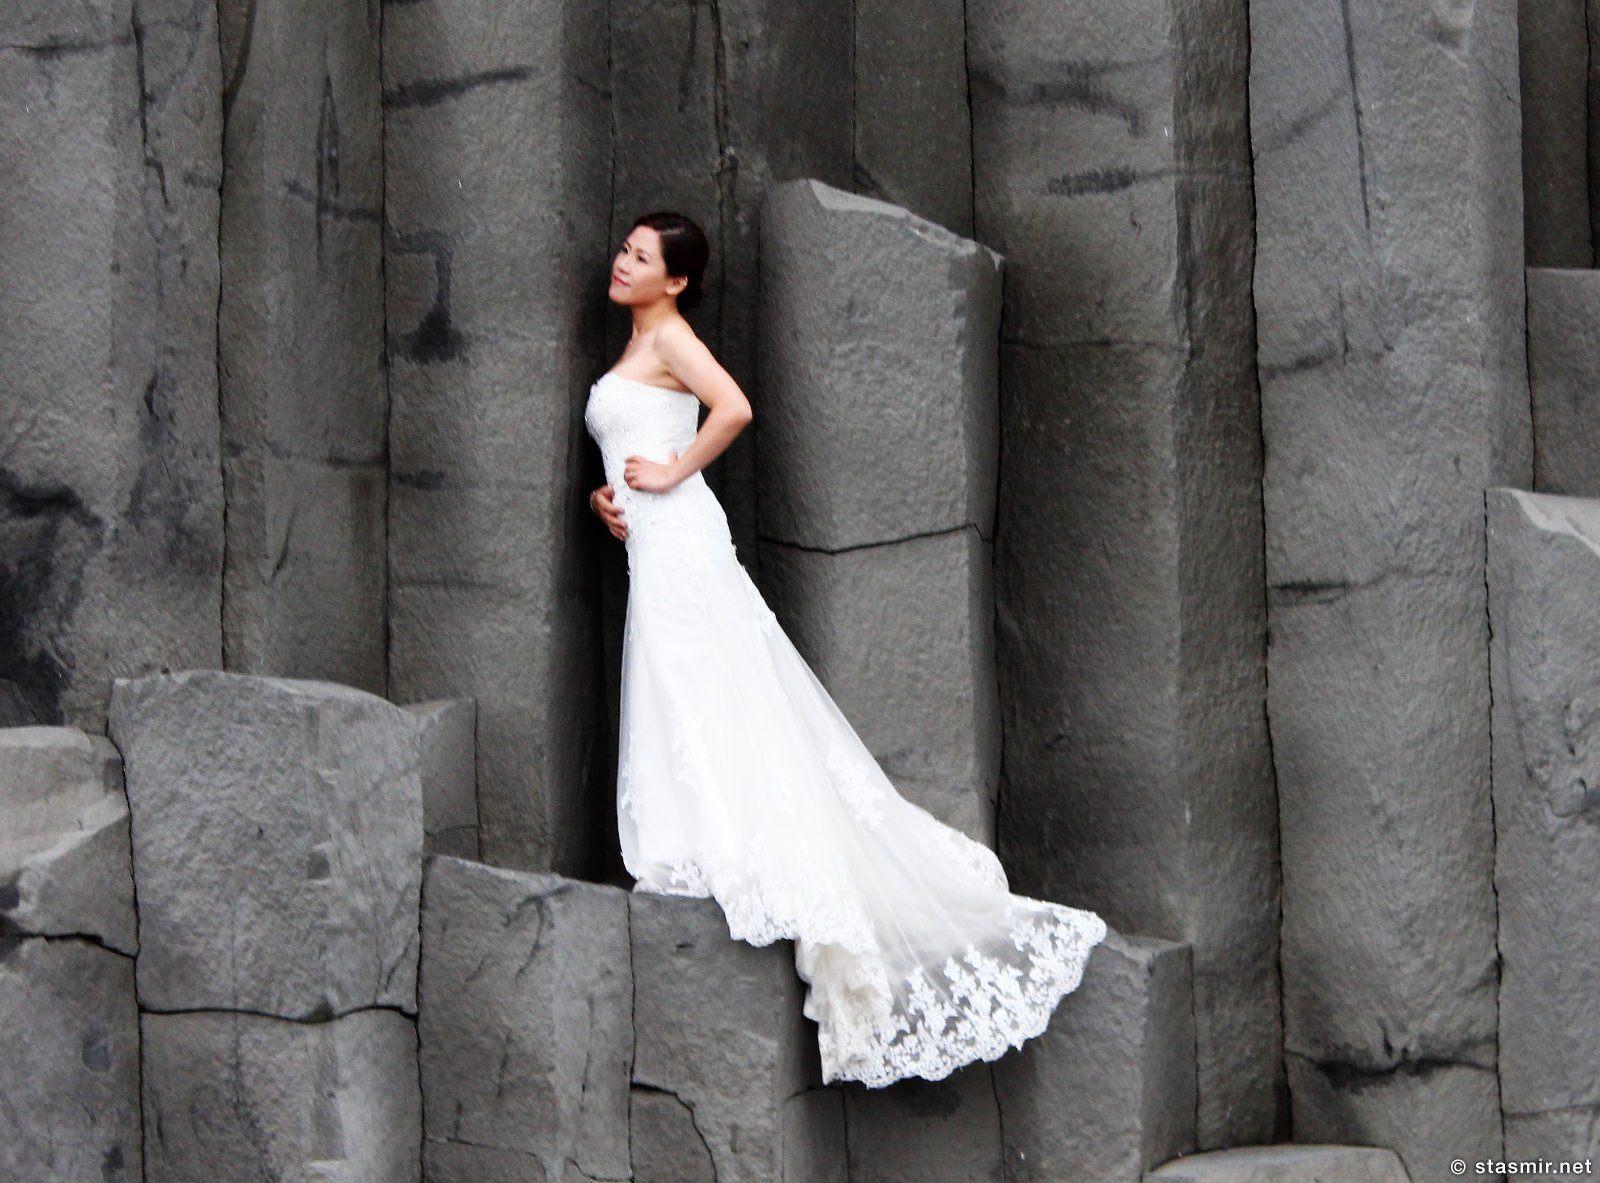 китайская невеста на черном пляже Рейнисфйаура в Исландии, Reynisfjára, фото Стасмир, photo Stasmir